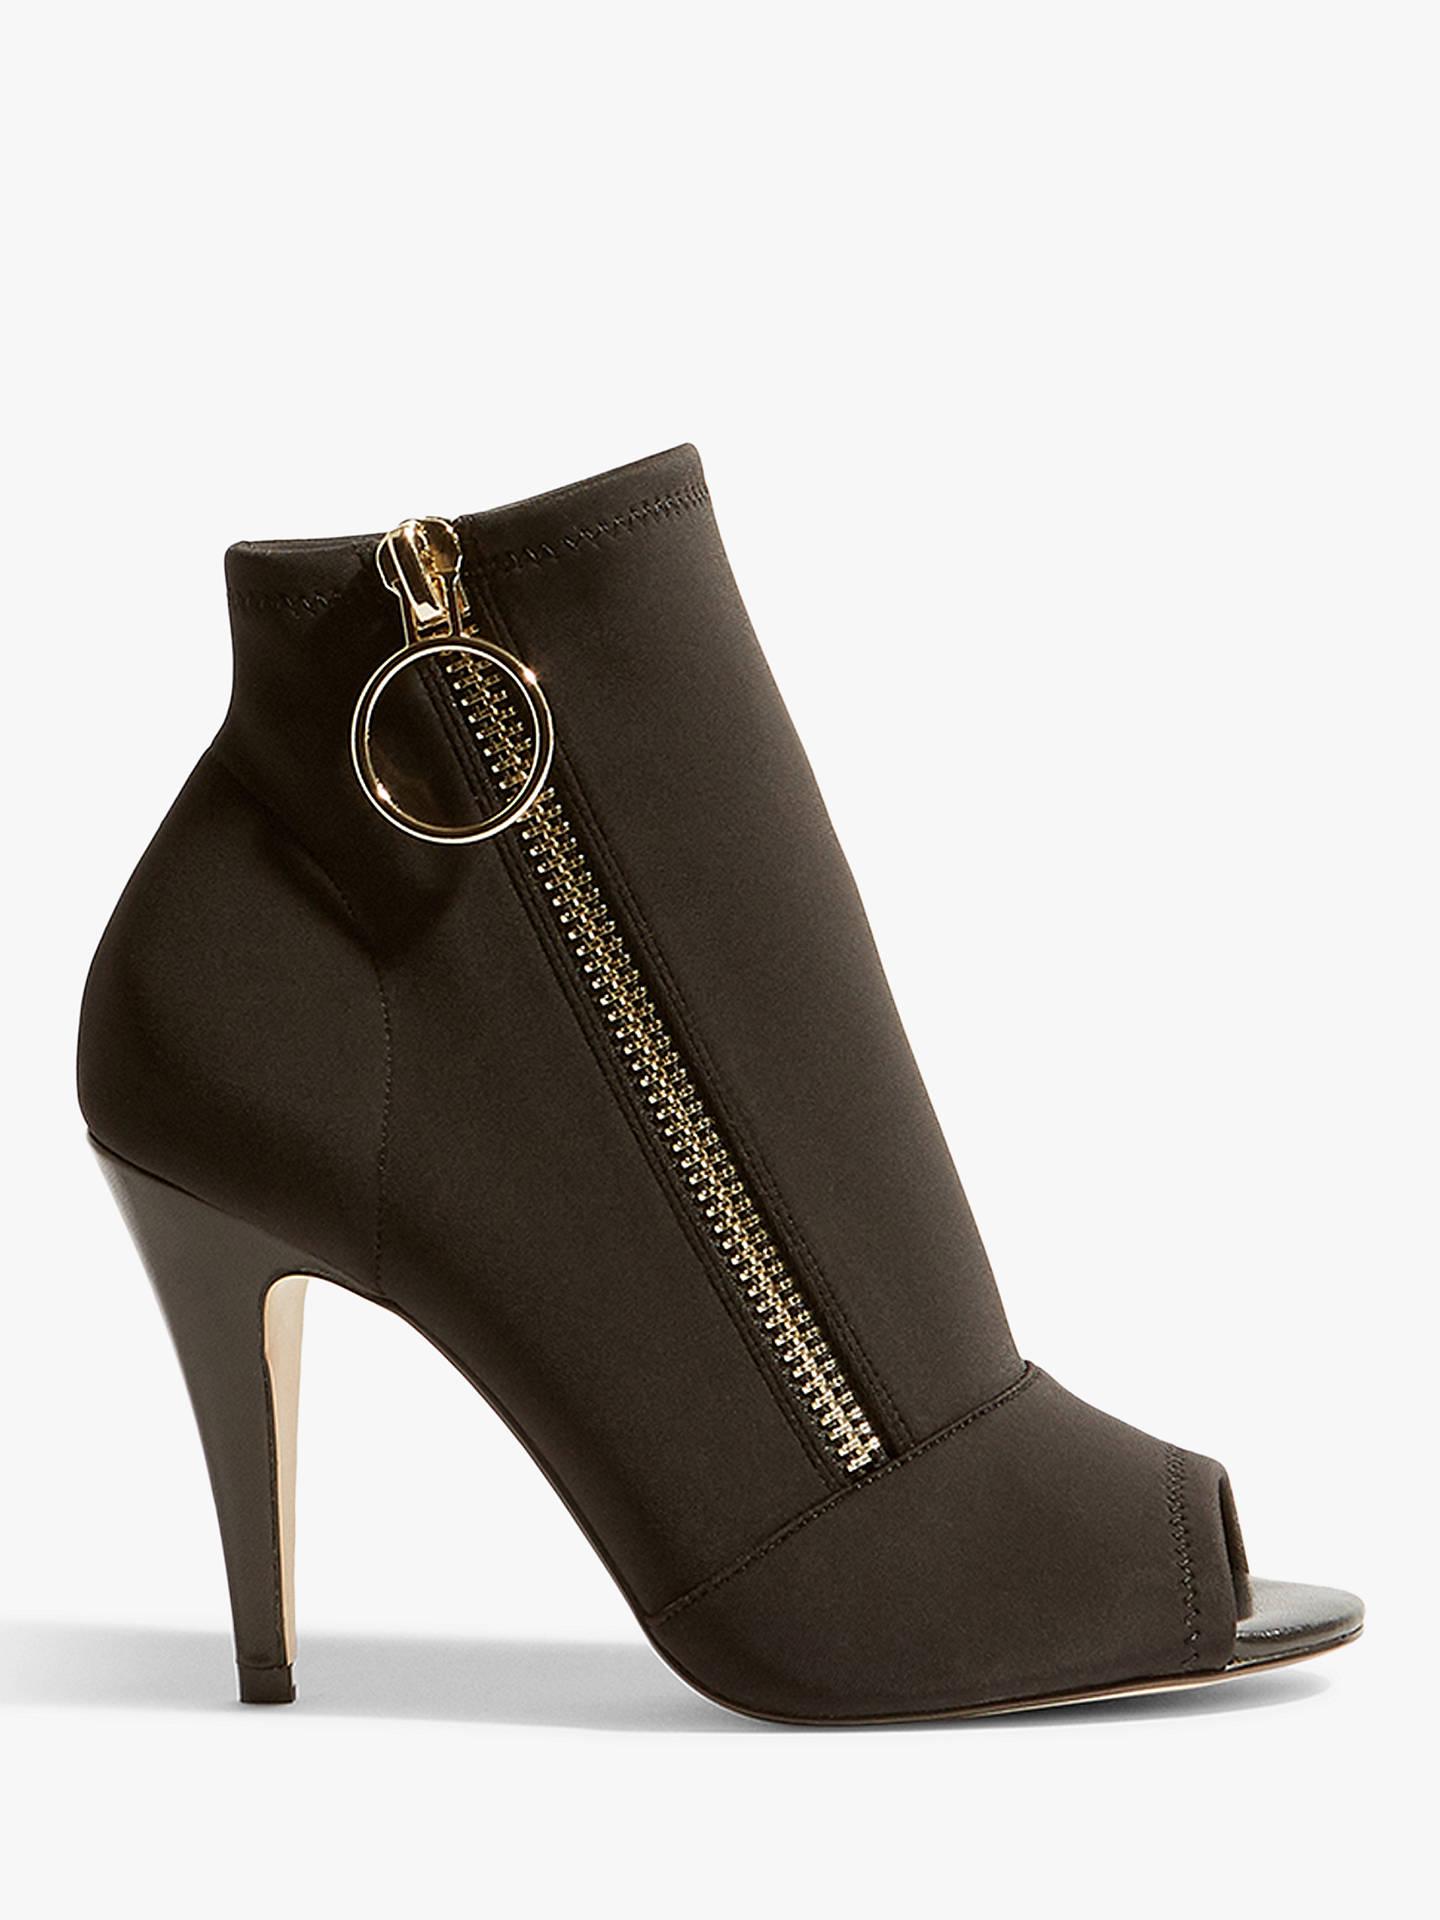 7319cac91dbc Buy Karen Millen Side Zip Peep Toe Shoe Boots